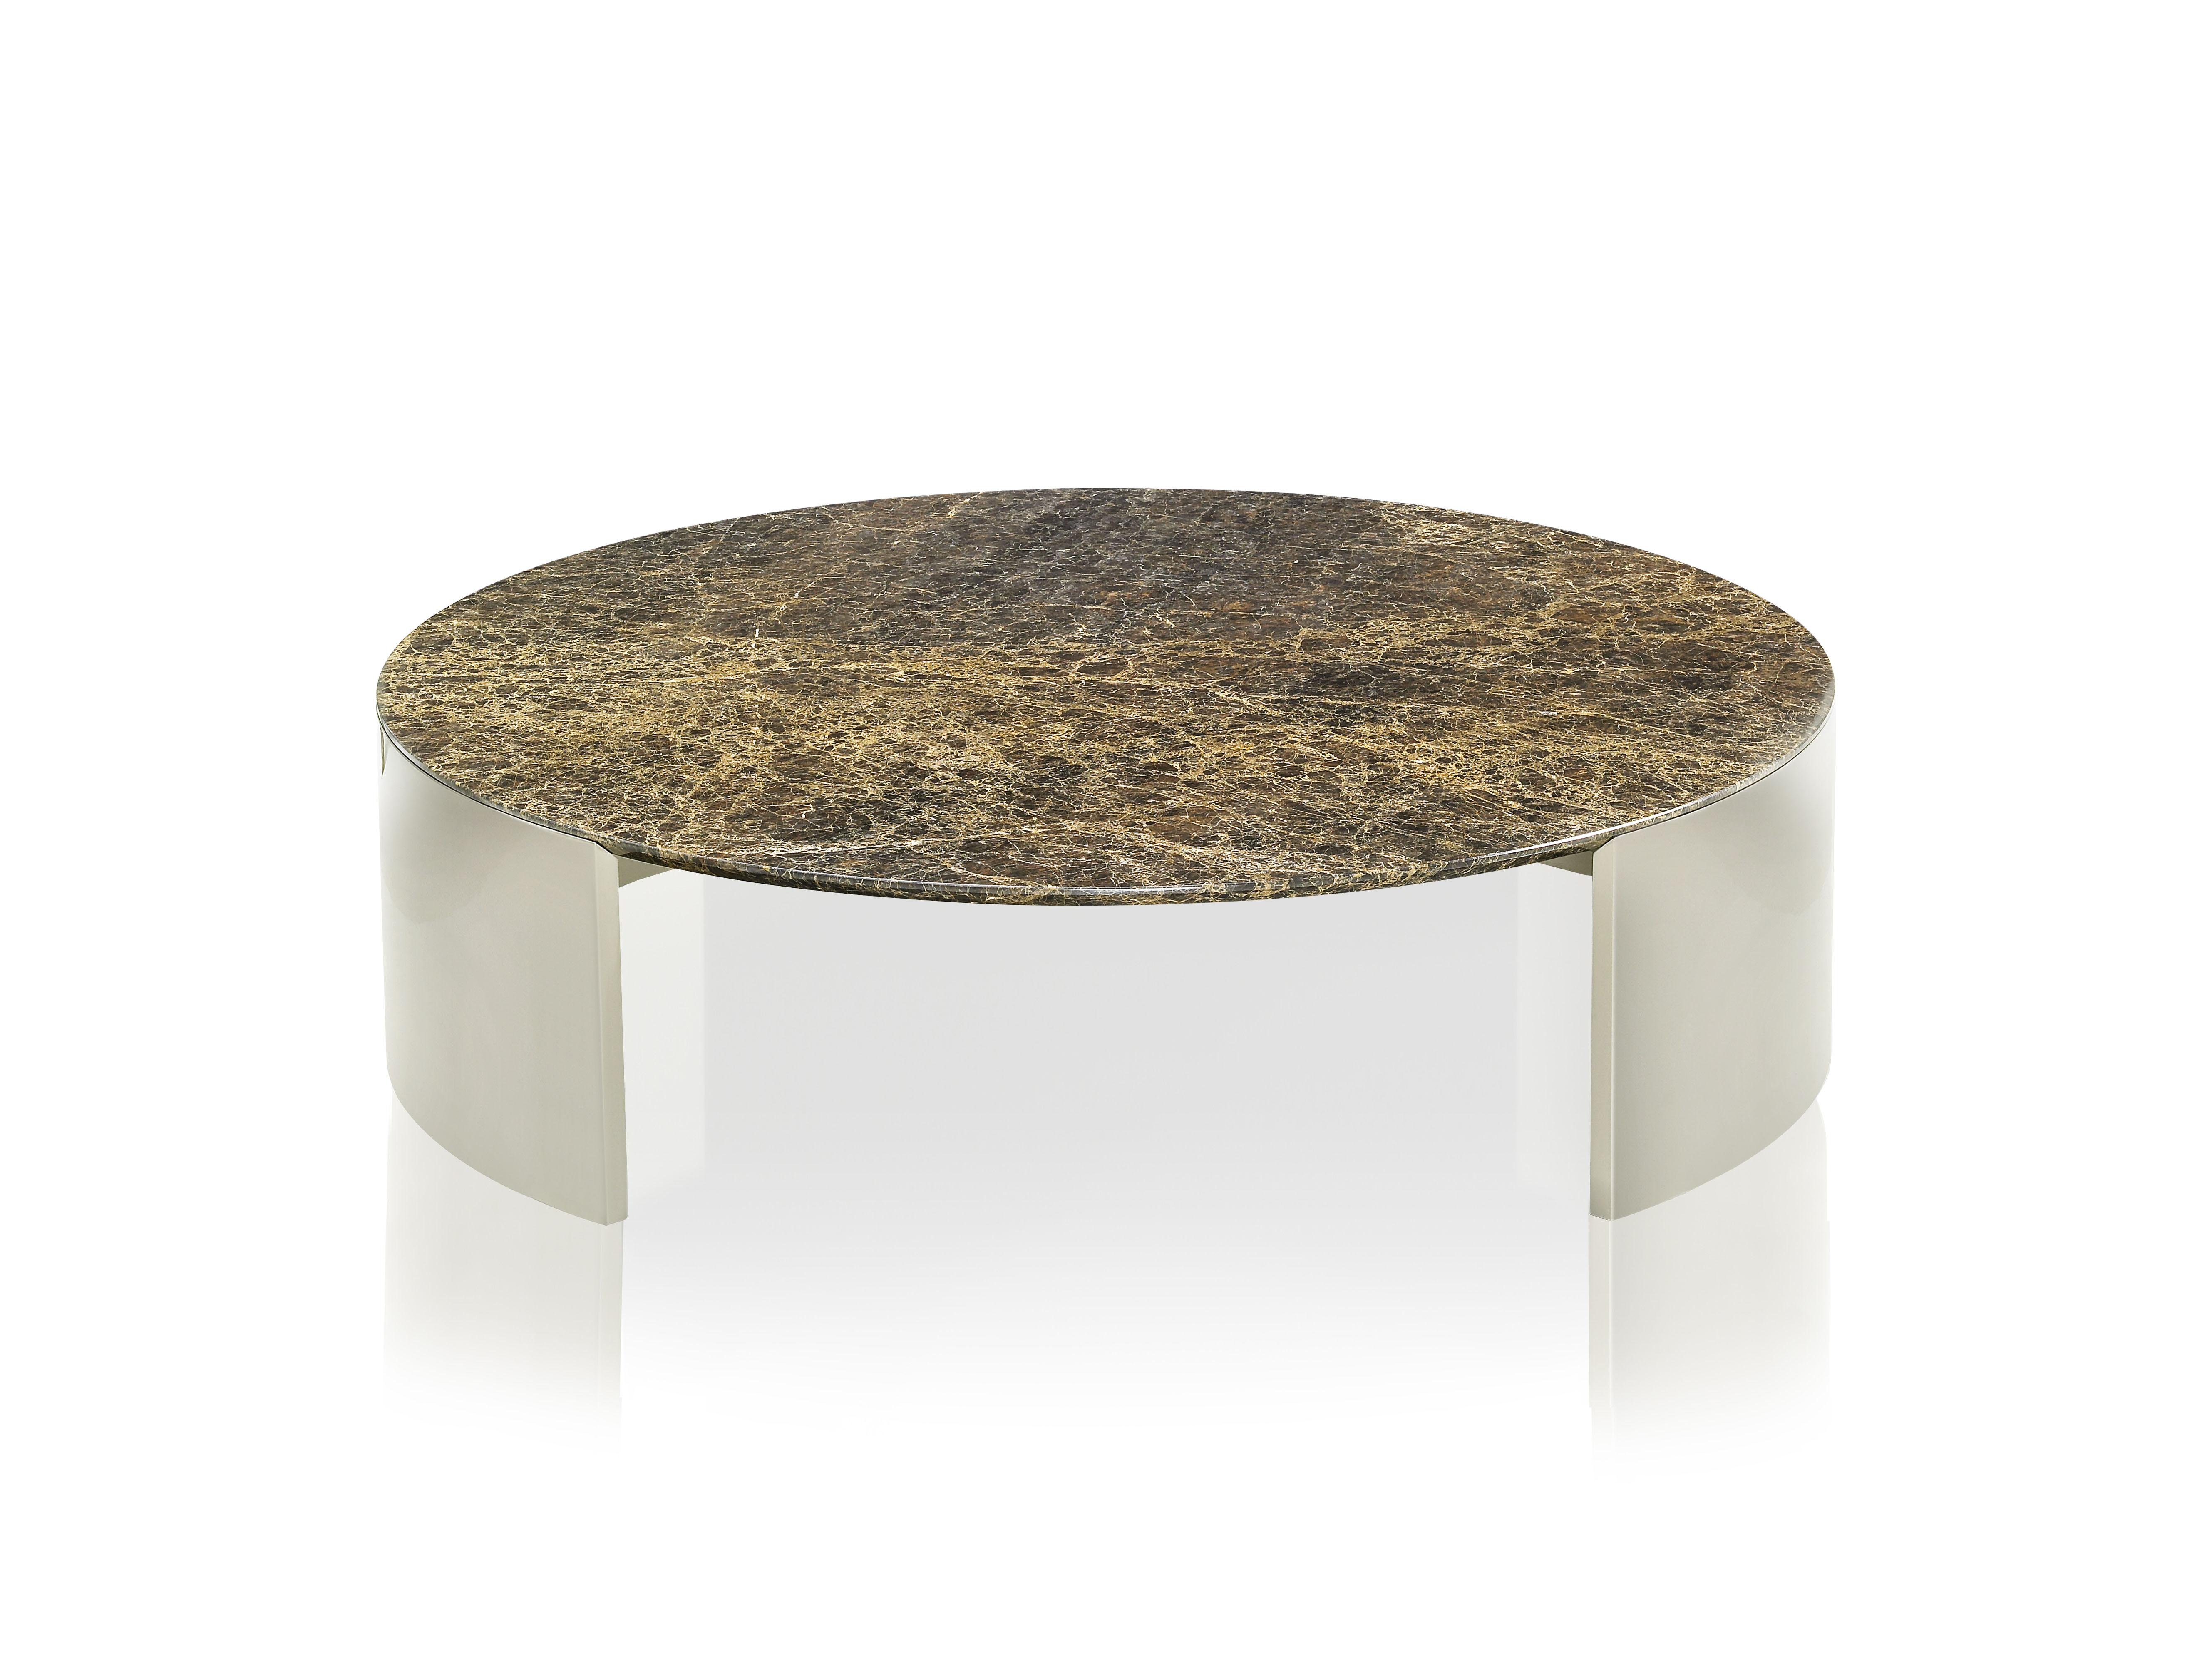 fendi ginevra coffe table modern contemporary0001g fendi casa